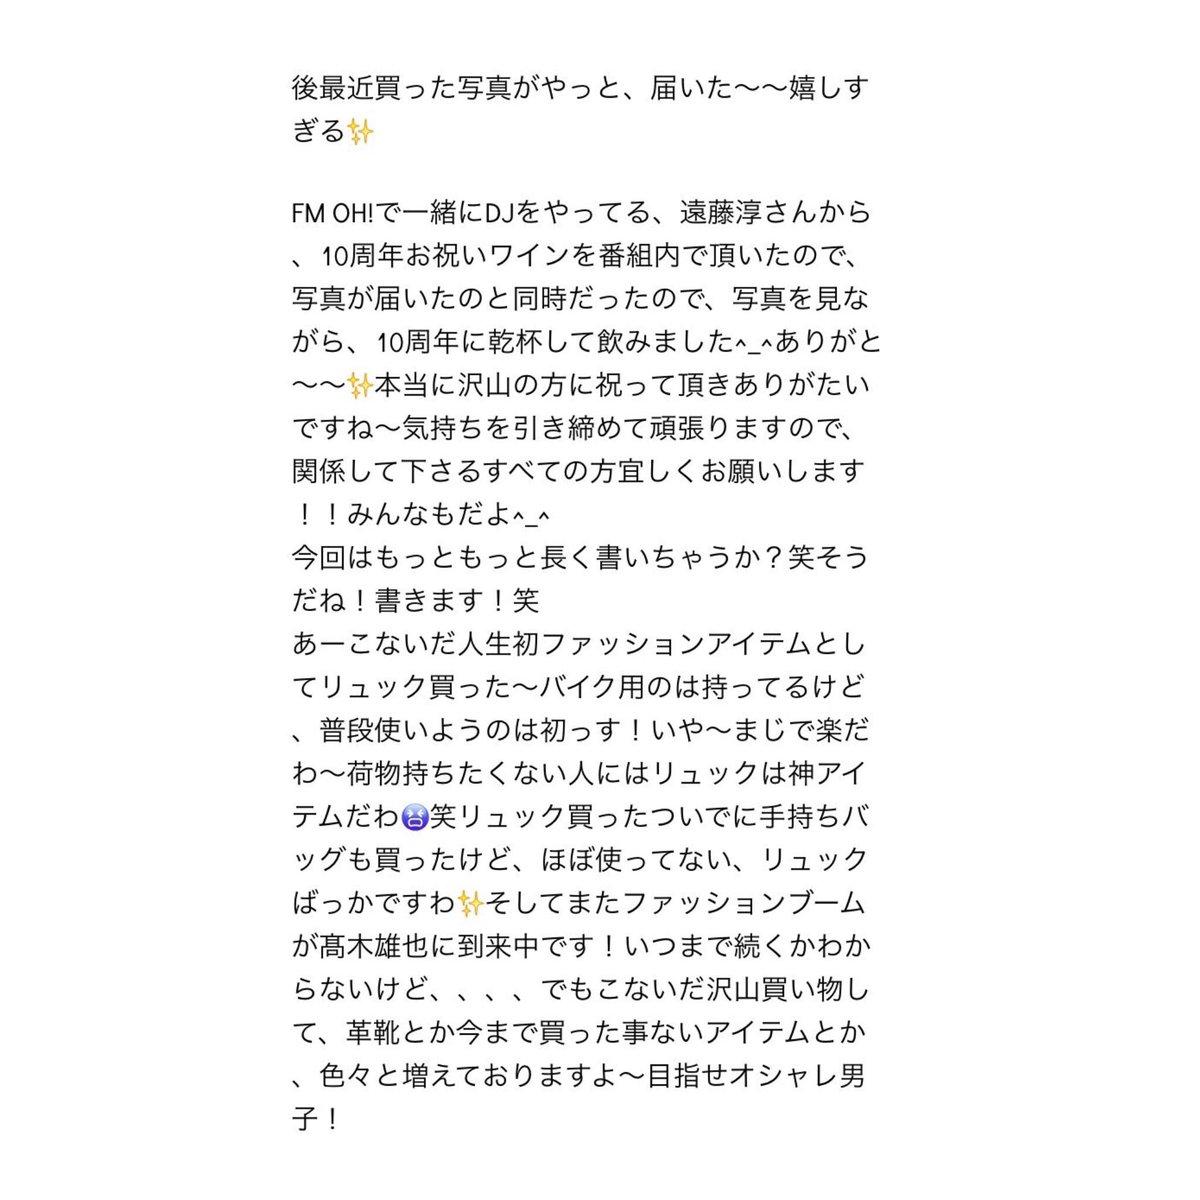 DK3_rURVAAA_iIA2.jpg